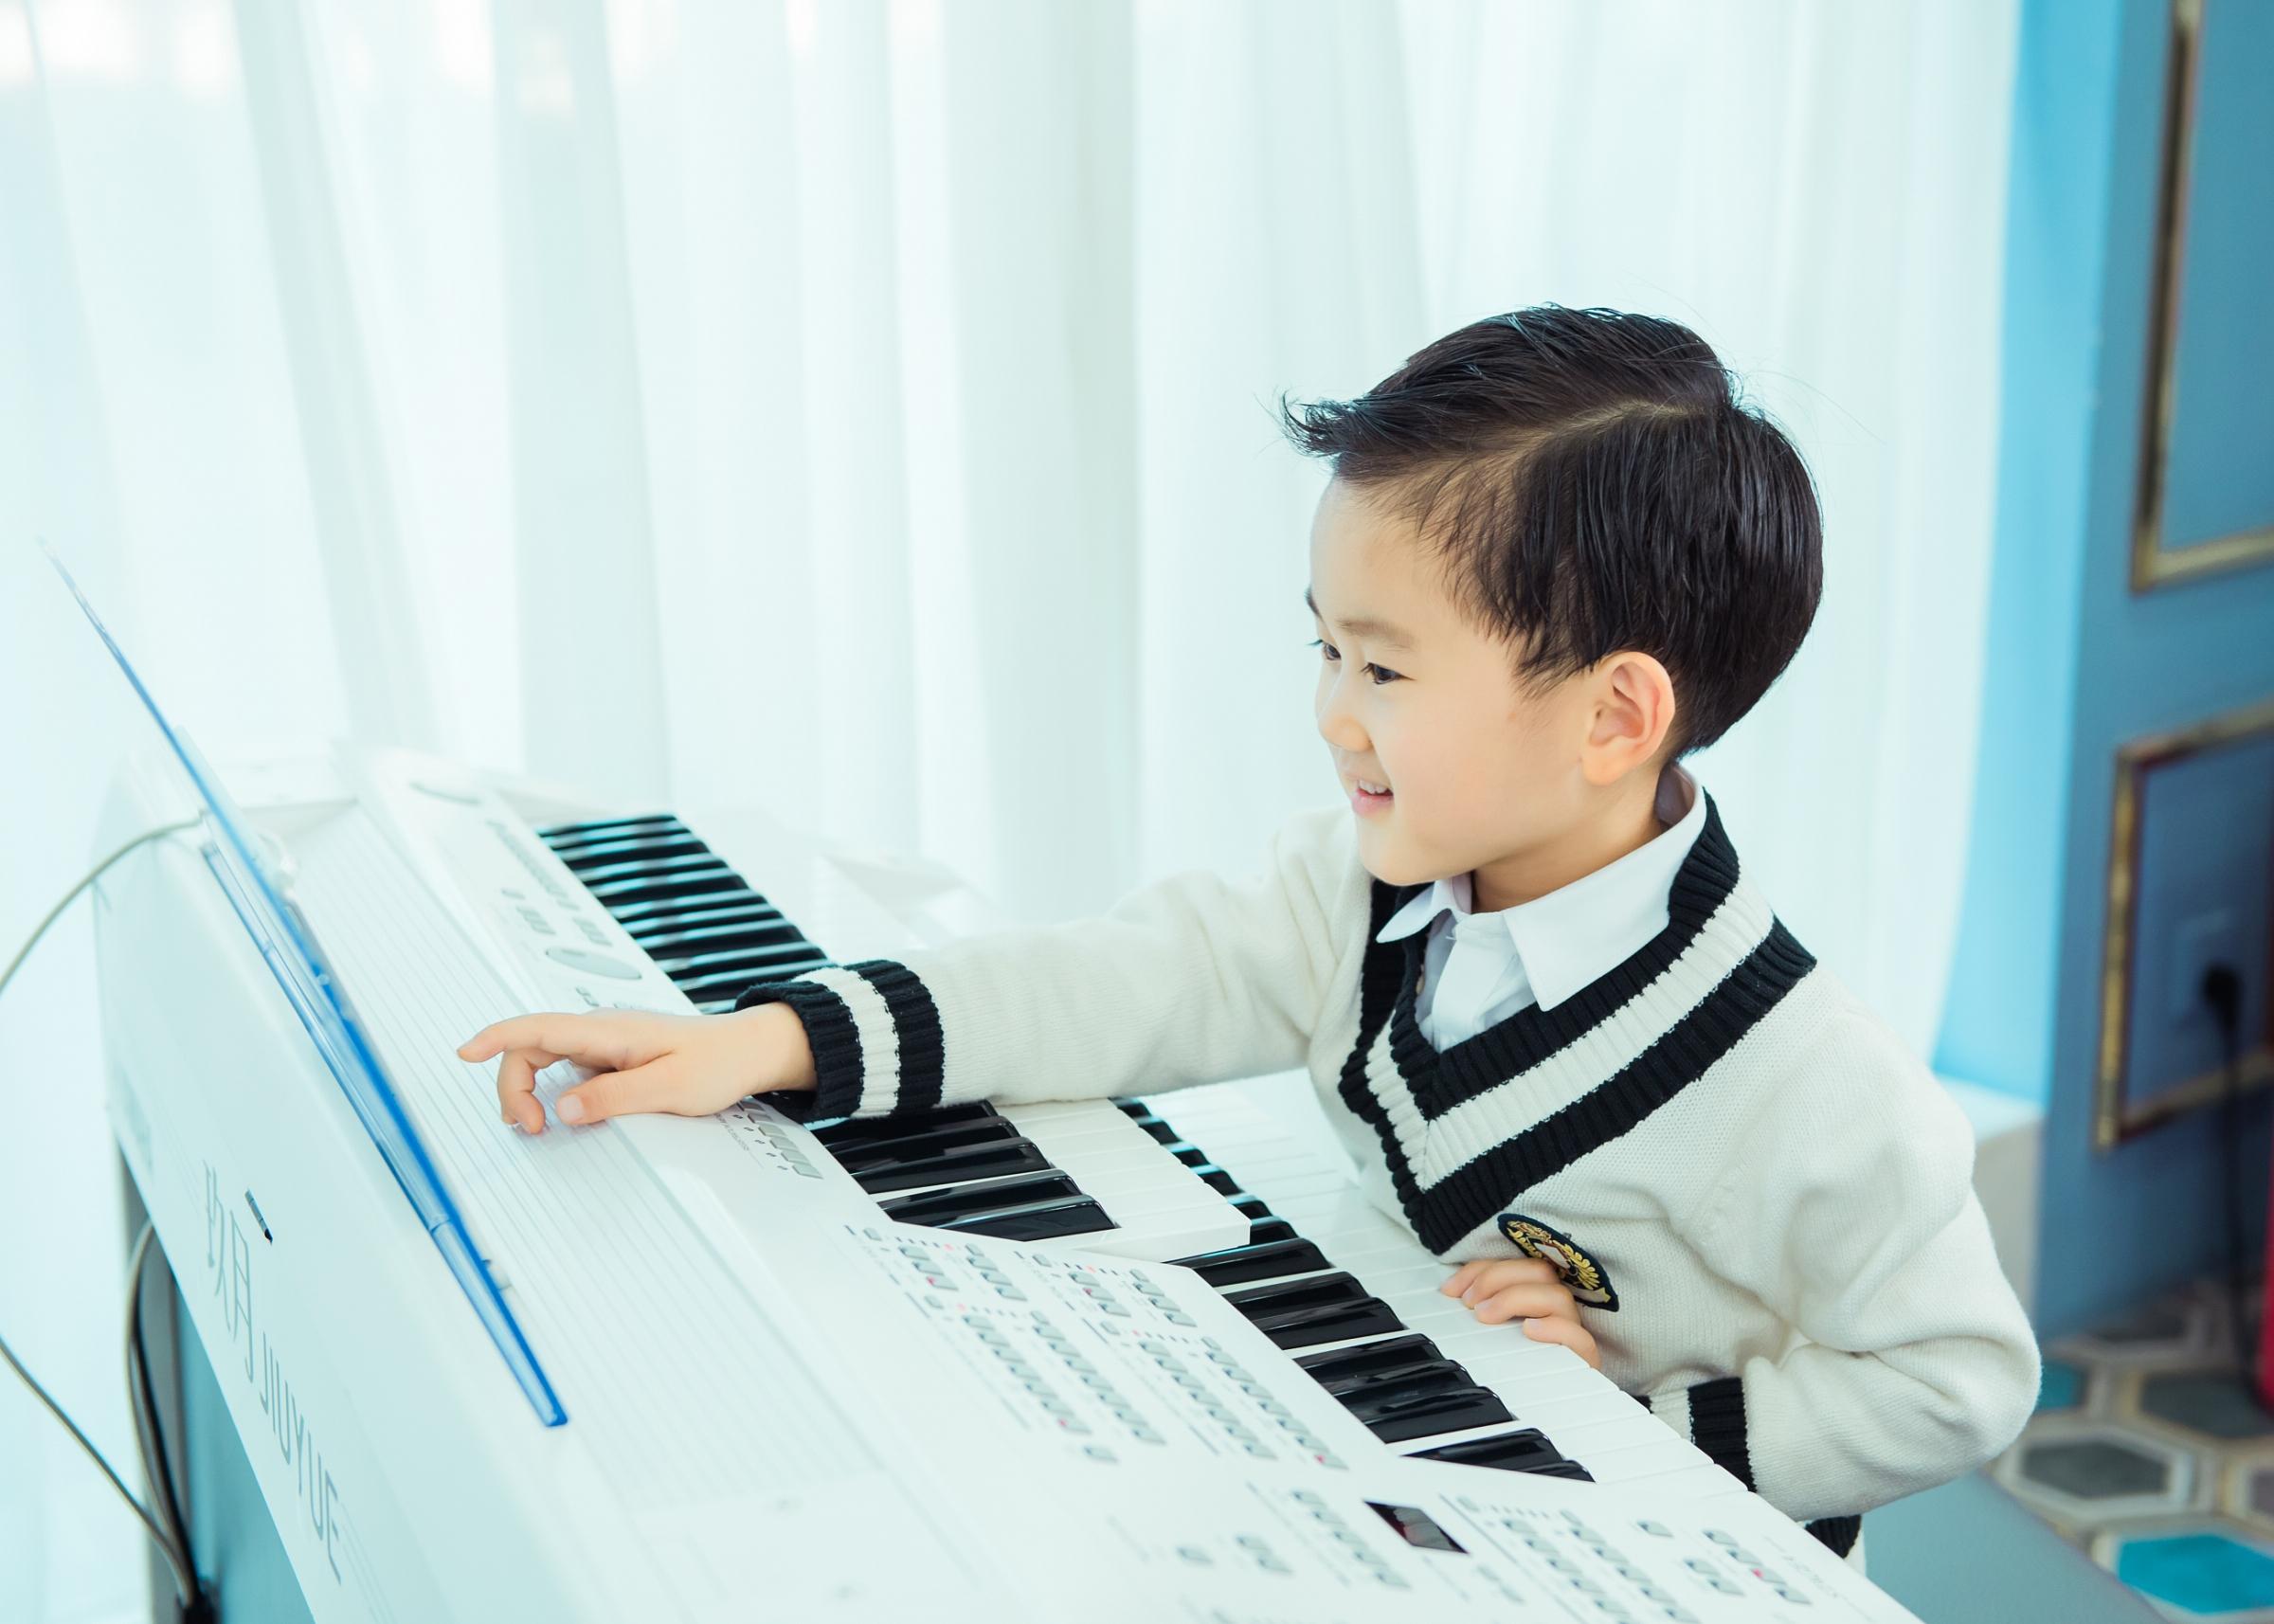 音乐培训机构开学季到了,你准备好招生方案了吗